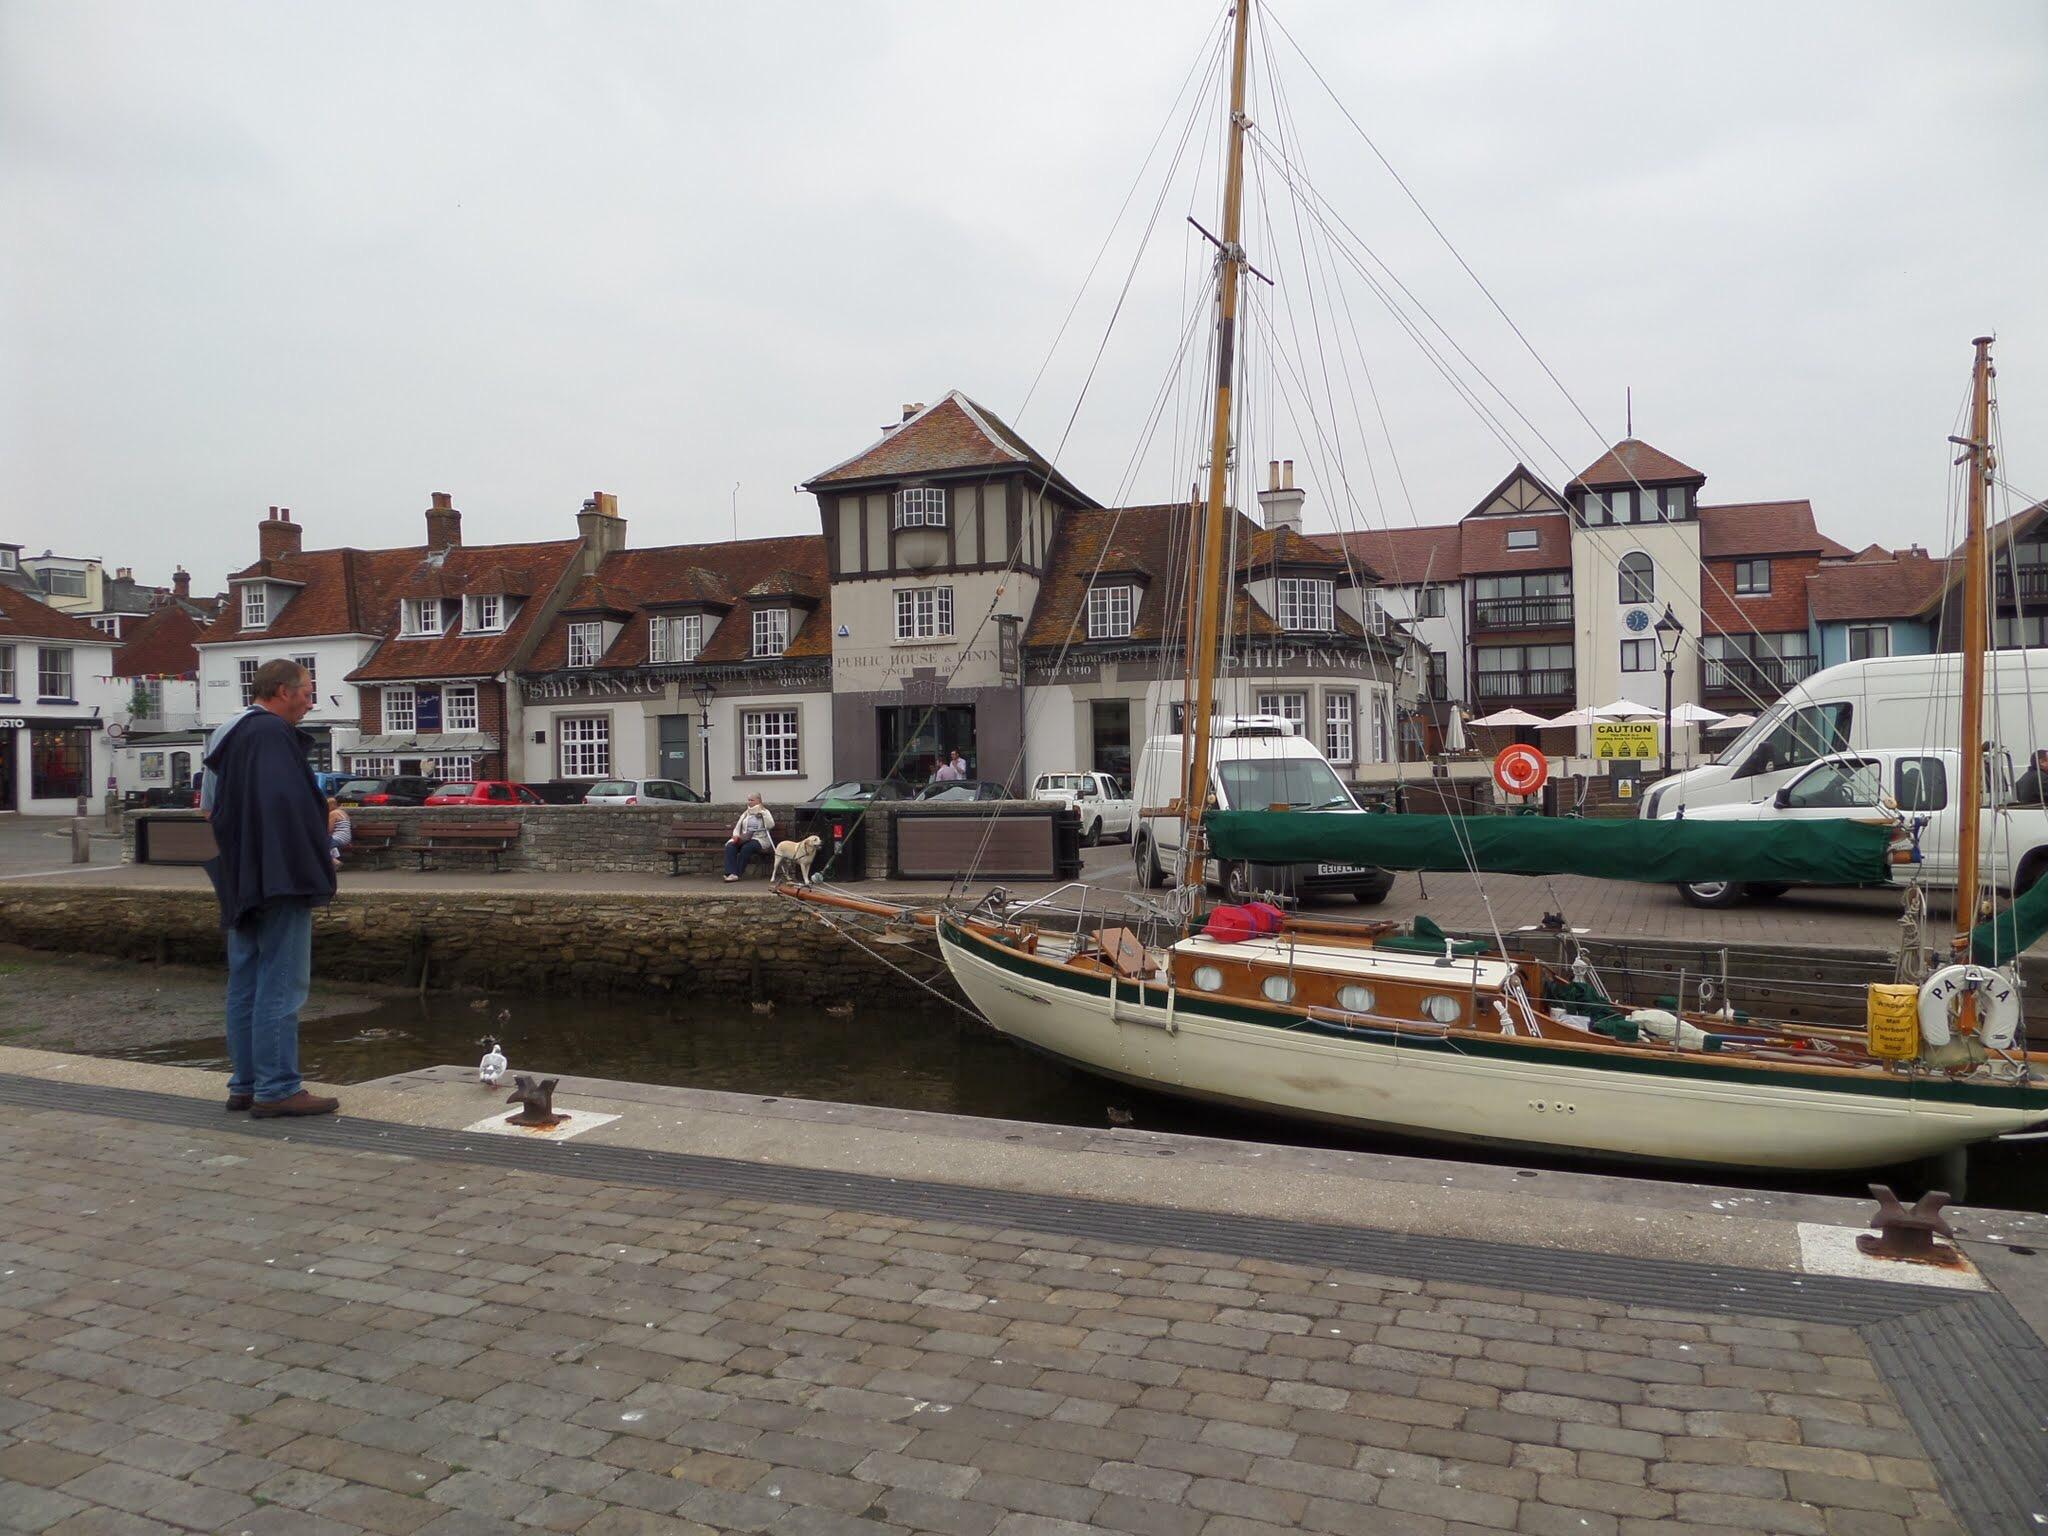 Lymington Quay